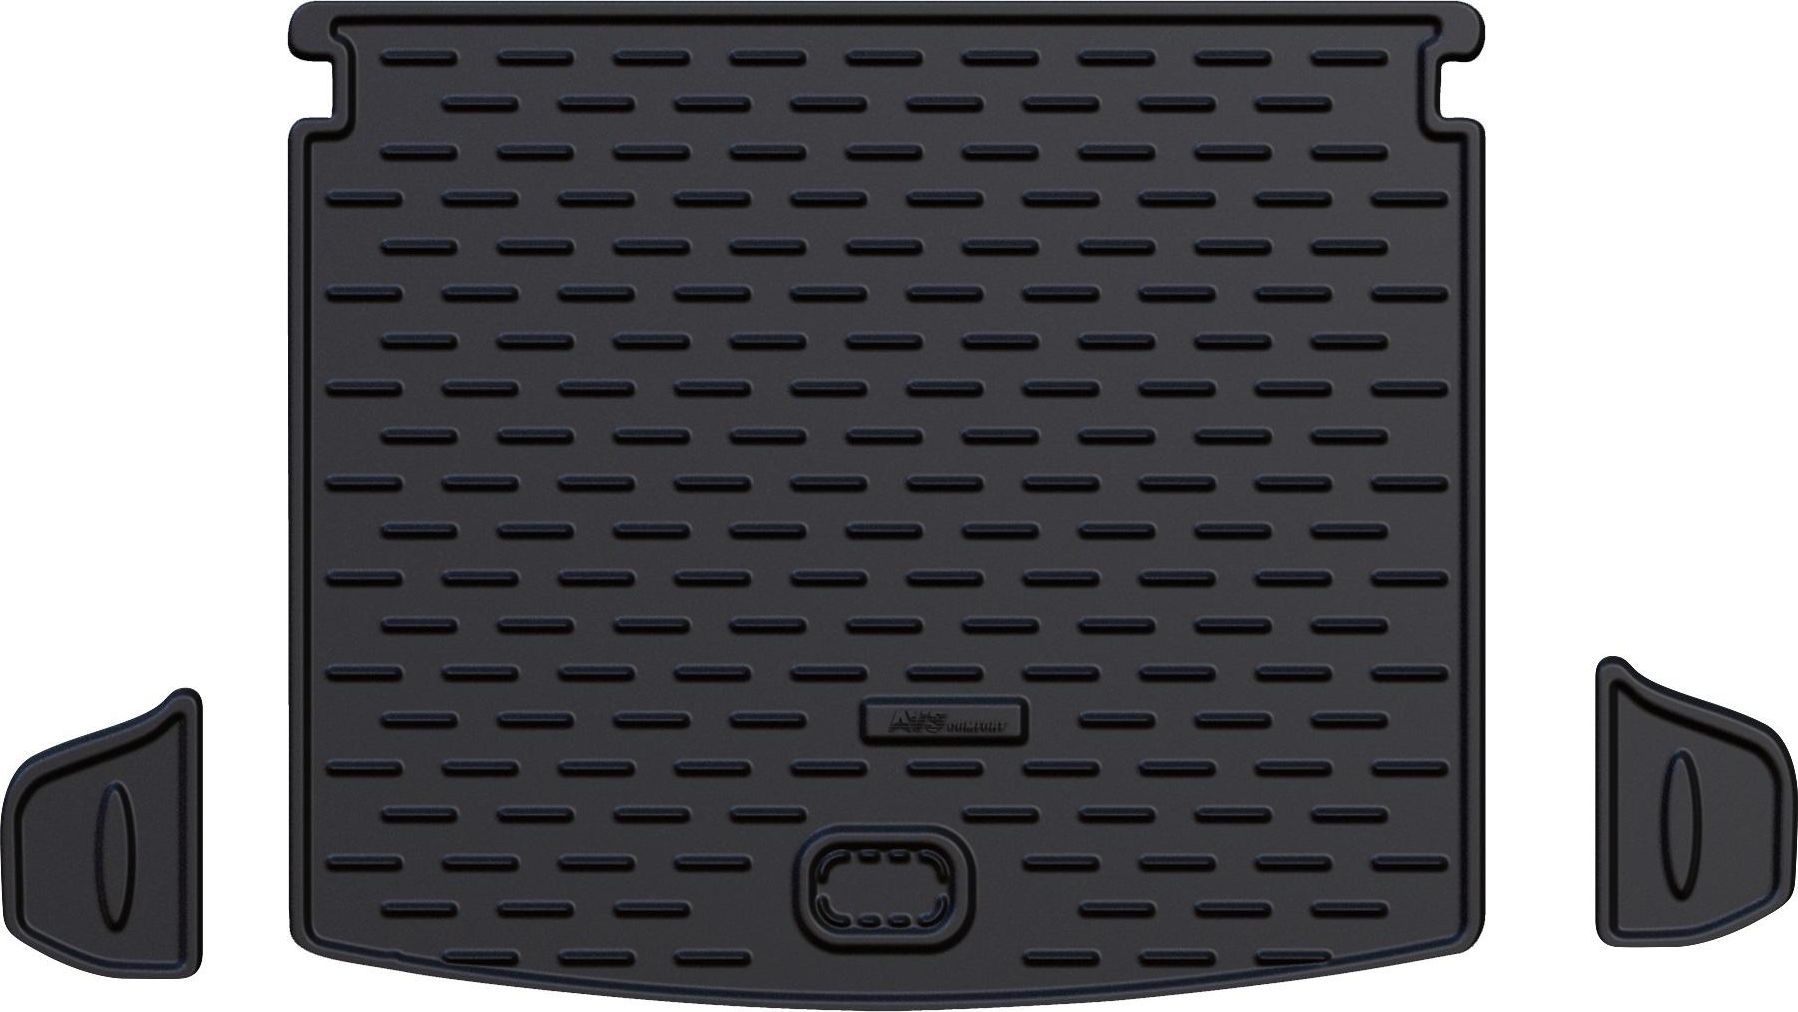 Ковер автомобильный AVS для Hyundai Creta 2016, в багажникA78767S1. Спроектированы с помощью 3D моделирования.Ковры для багажника : конфигурация позволяет максимально использовать объем багажника.2. Высокий борт.Высота : 32 см.3. Отсутствие резкого запаха, благодаря использованию высококачественного сырья. 4. Материал :ТЕРМОЭЛАСТОПЛАСТ(ТЭП) - благодаря высокому содержанию каучука (до 55 %):Более износоустойчивые по сравнению с резиновыми и полиуретановыми коврами других производителей При температуре меньше -25 не «дубеют» .Легко моются, обладают повышенной износостойкостью5. Оригинальный рисунок «ПРОТЕКТОР» (антискользящее исполнение лицевой поверхности)Препятствует перемещению груза в багажнике во время движения автомобиля6. Легкий вес – в 2 раза легче резиновых